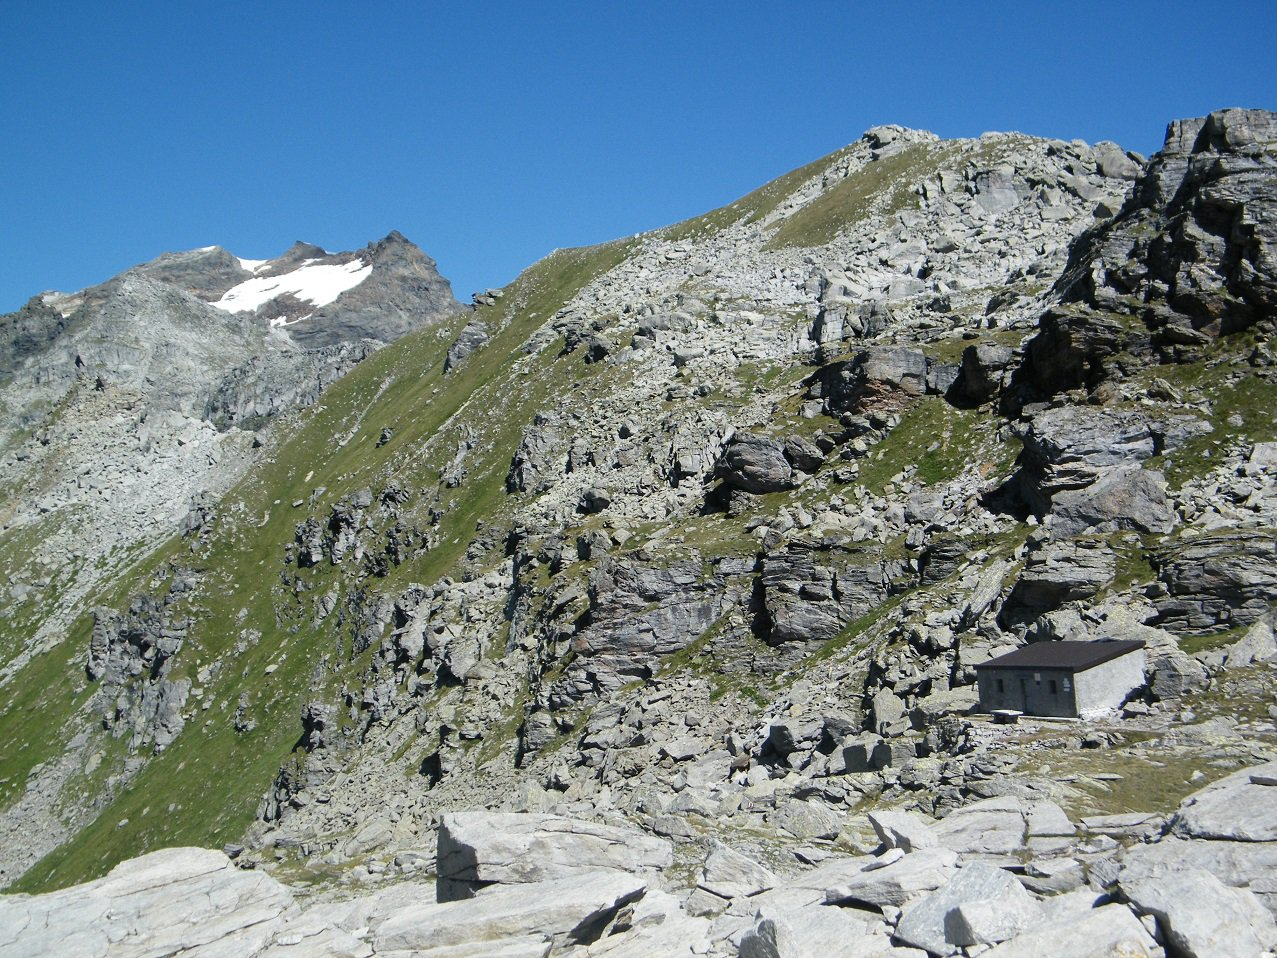 La P.ta della Scatta ed il Bivacco Conti visti dal lato Sud del valico.